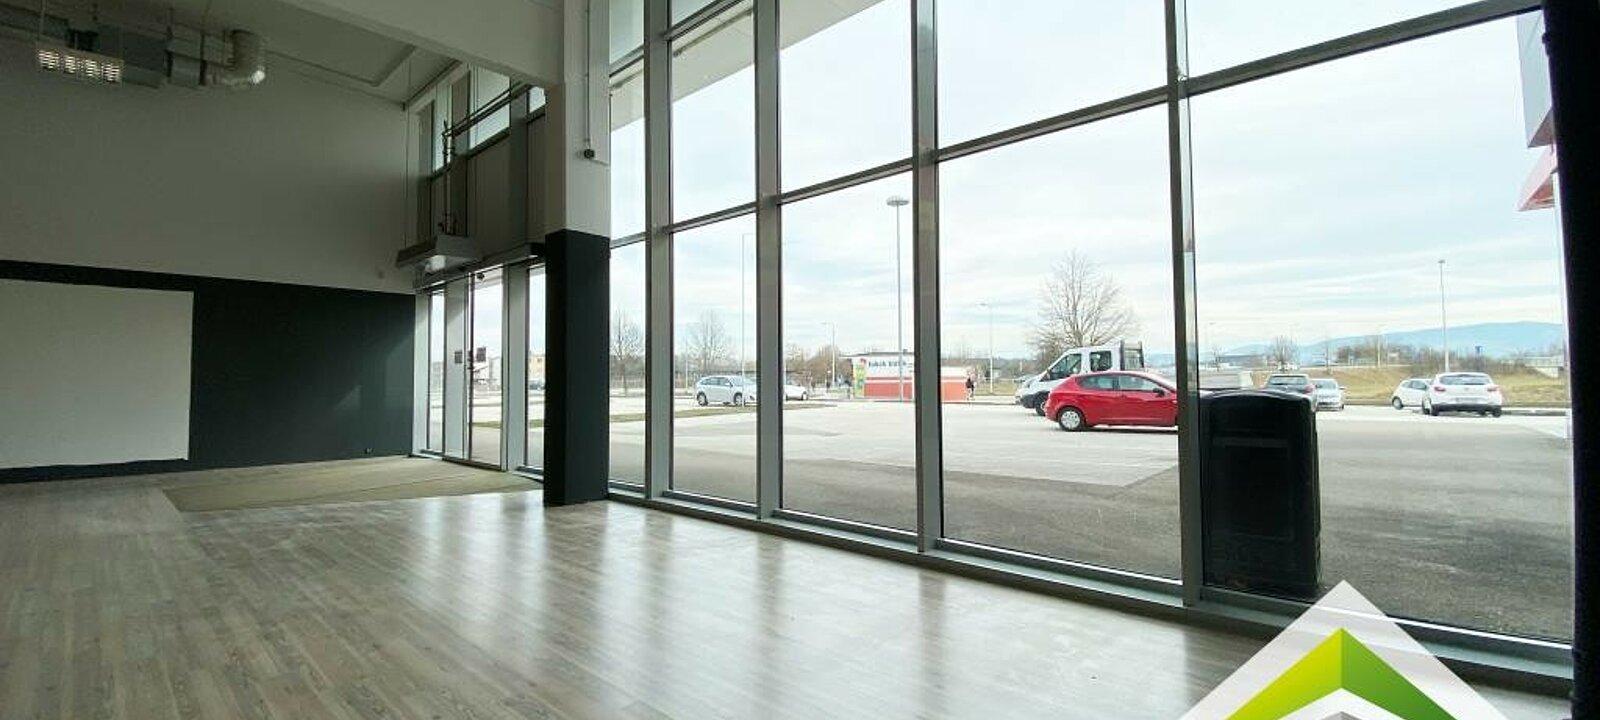 Schaufensterfront - Innenansicht